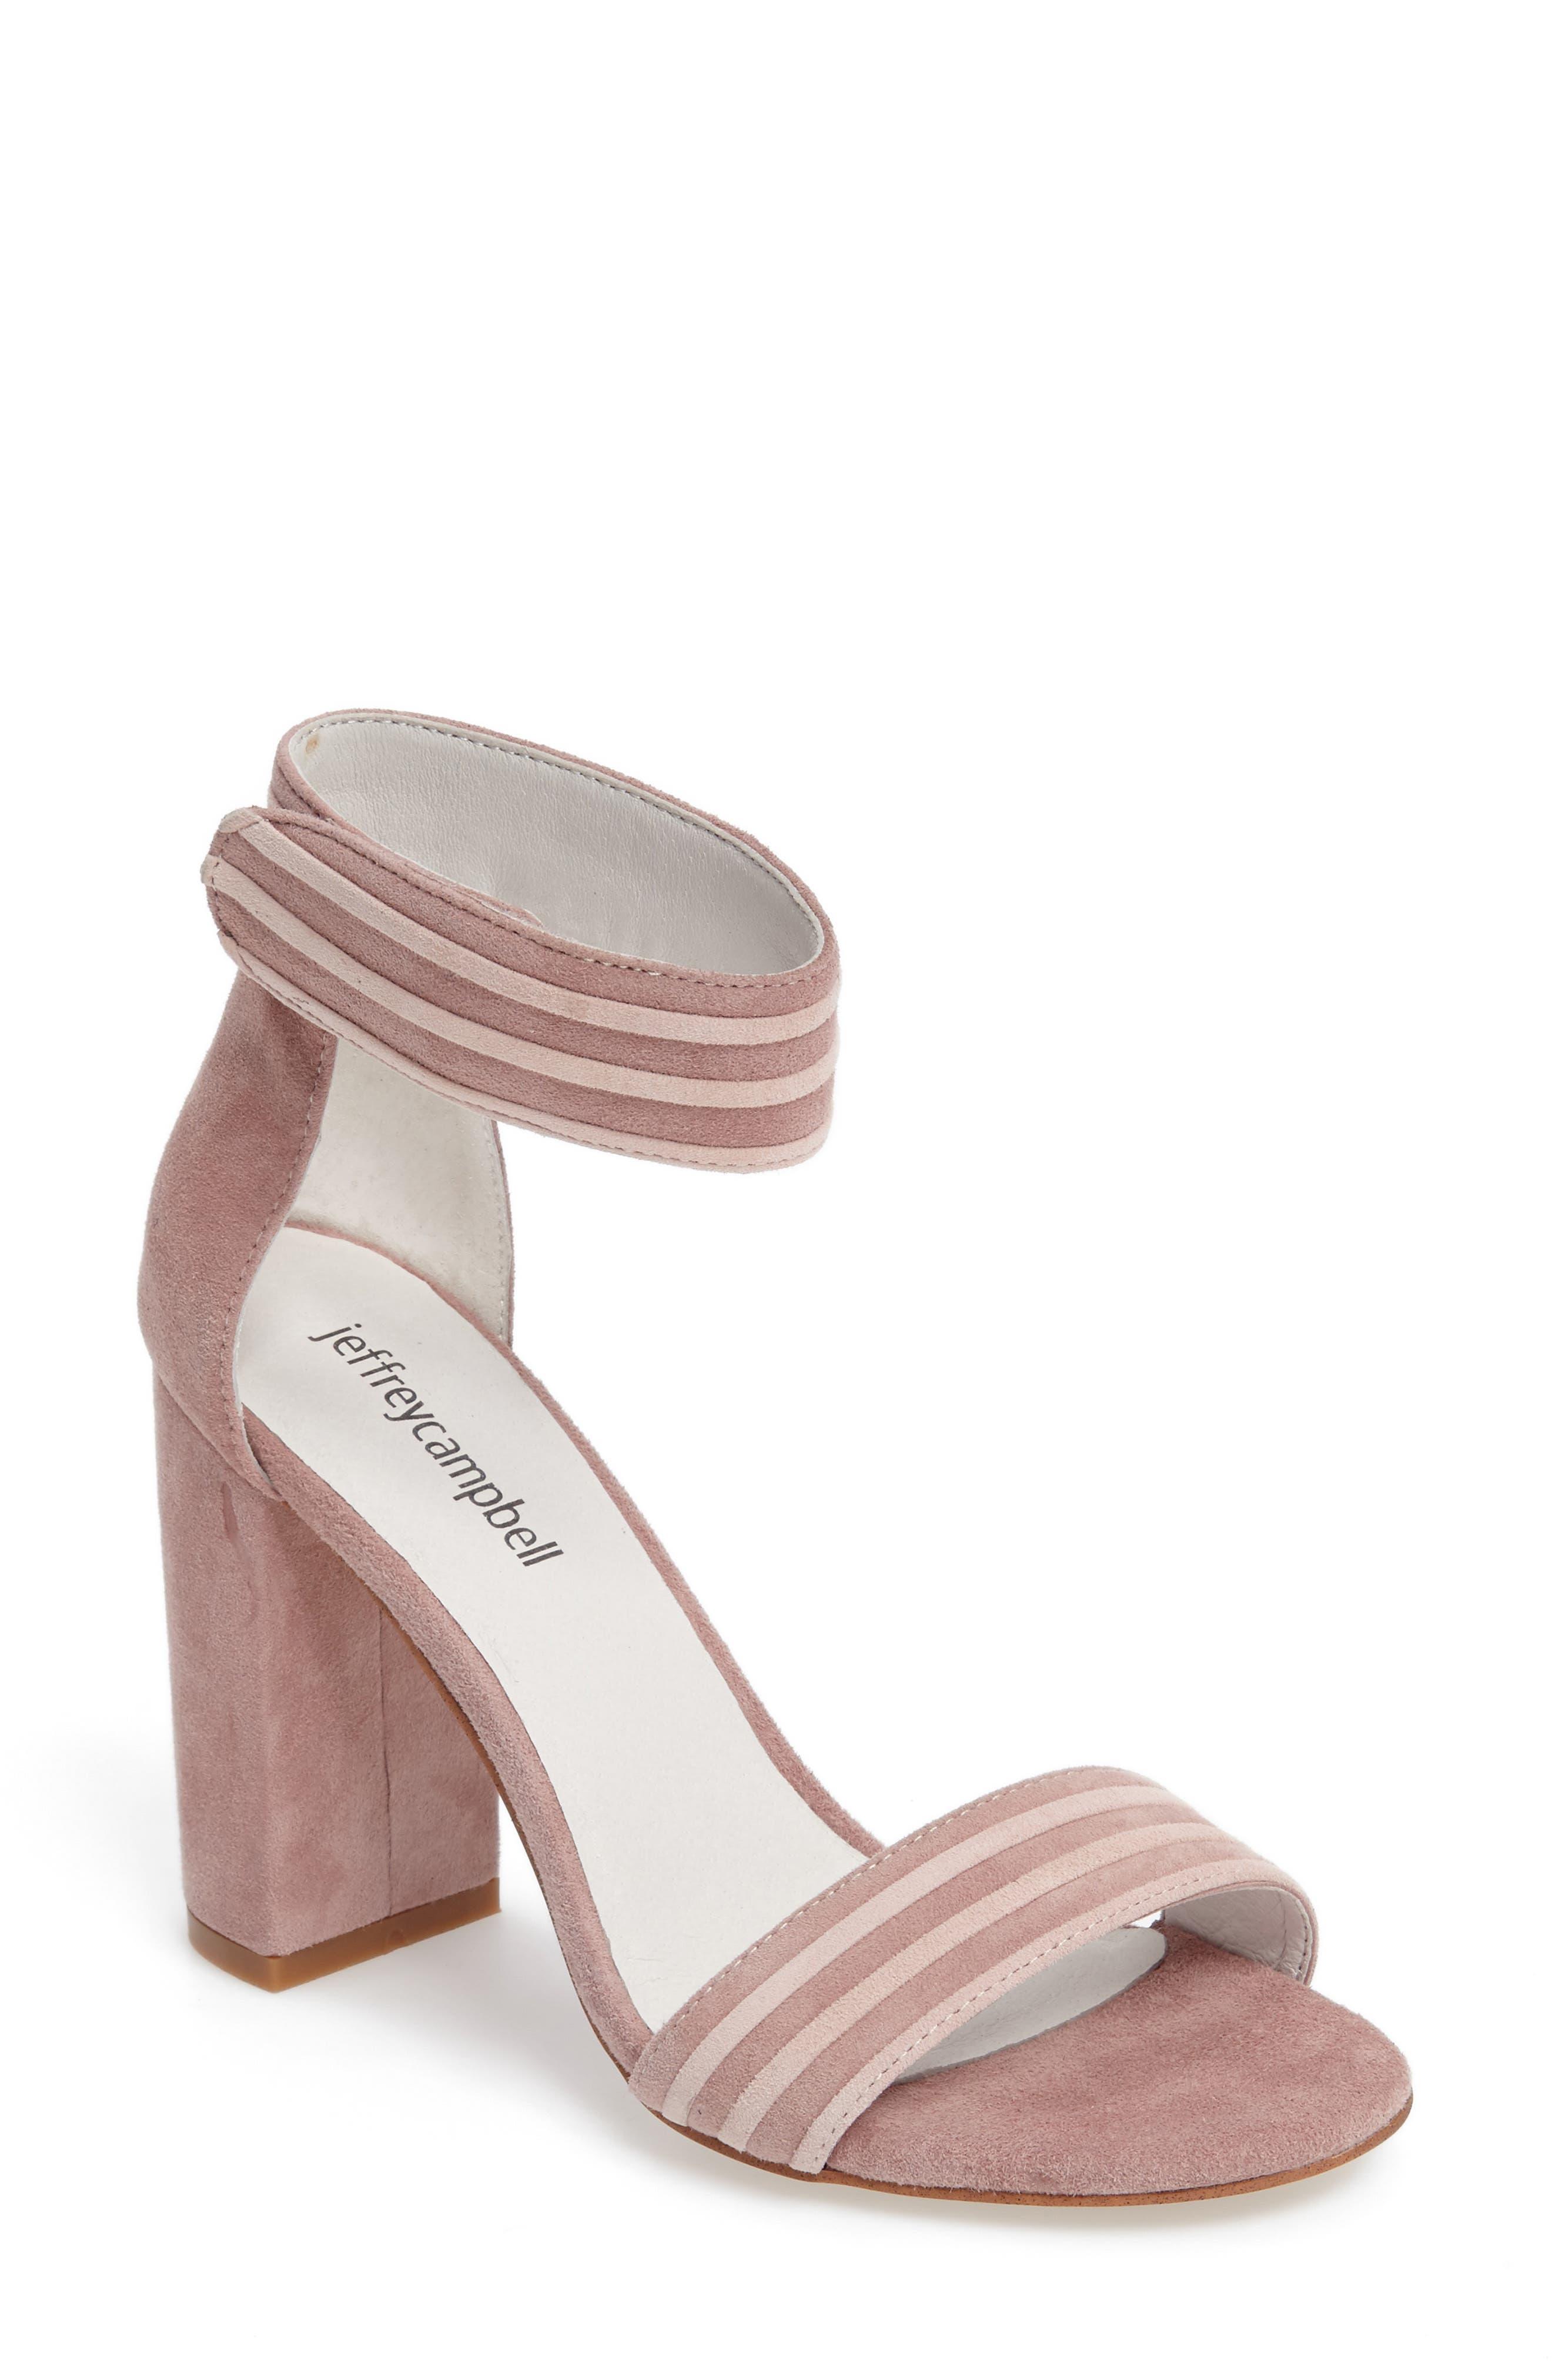 Alternate Image 1 Selected - Jeffrey Campbell Lindsay 2 Ankle Strap Sandal (Women)